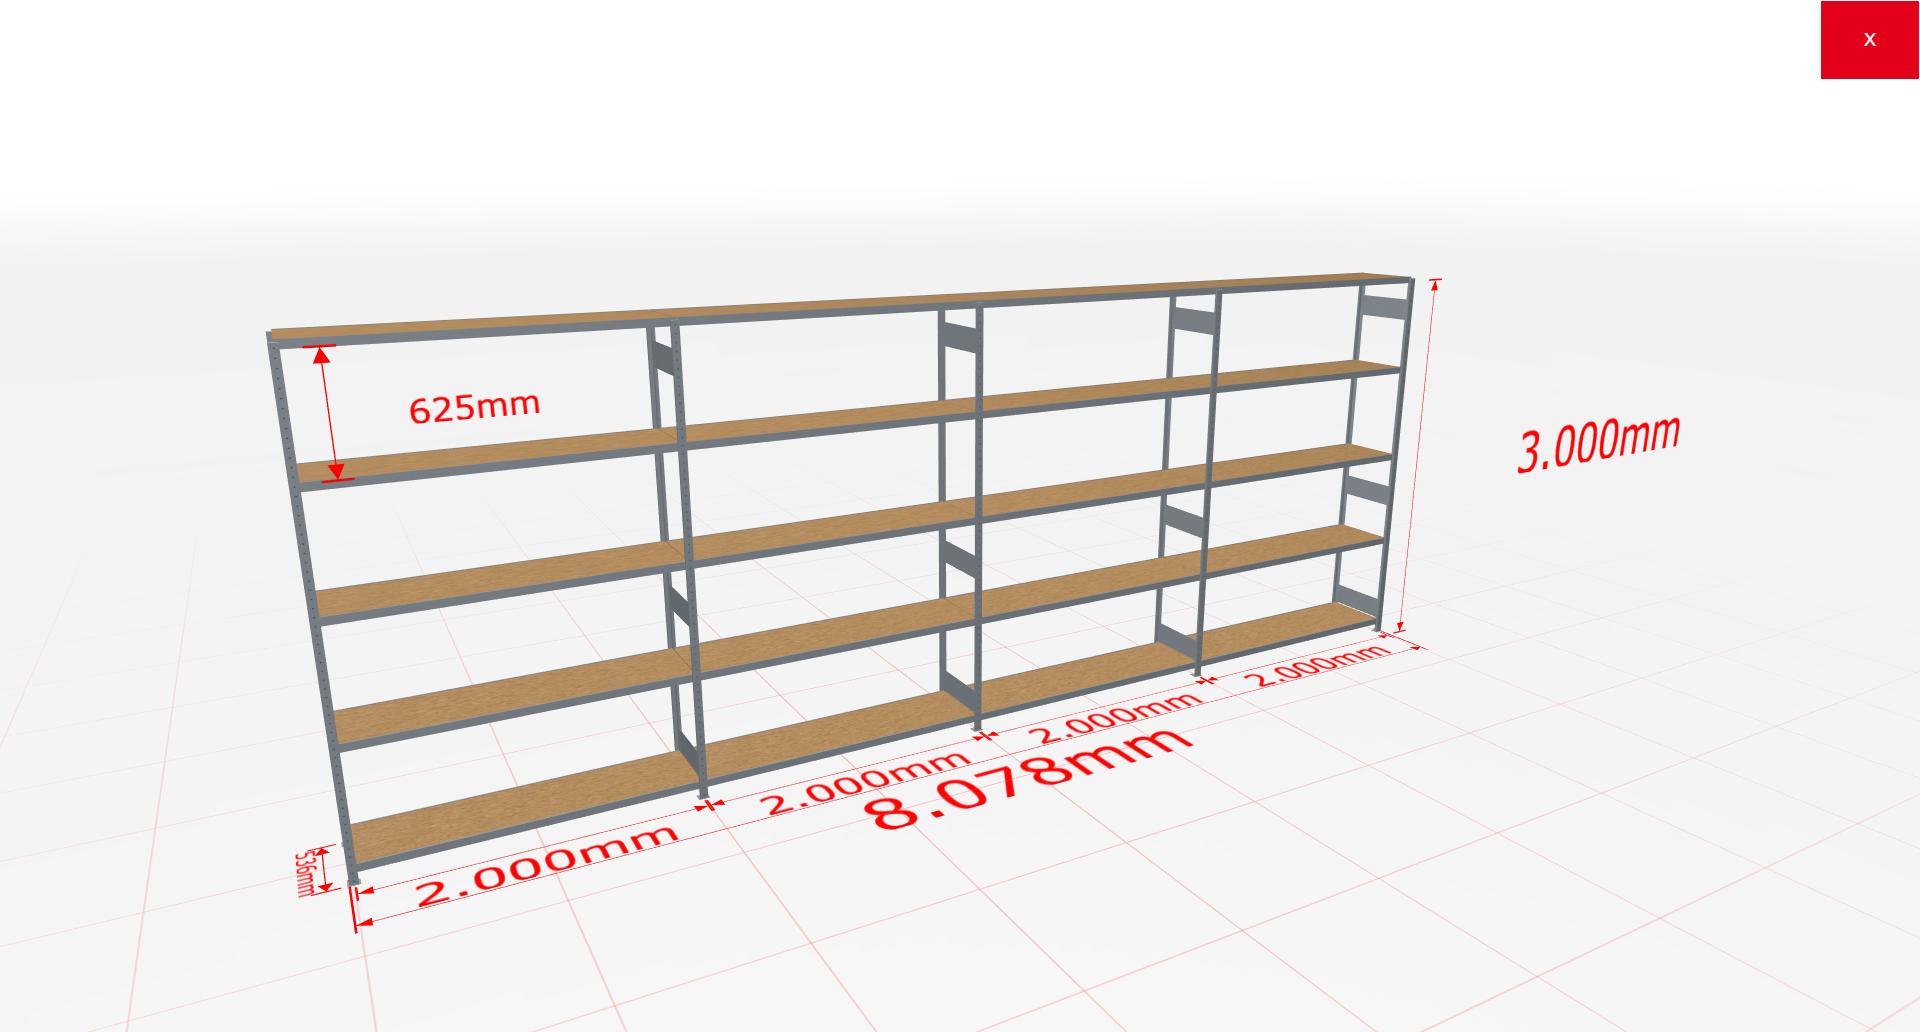 Weitspannregal Komplettregal 3000x8078x500 mm (HxBxT) SCHULTE Lagertechnik verzinkt mit Spanplattenböden